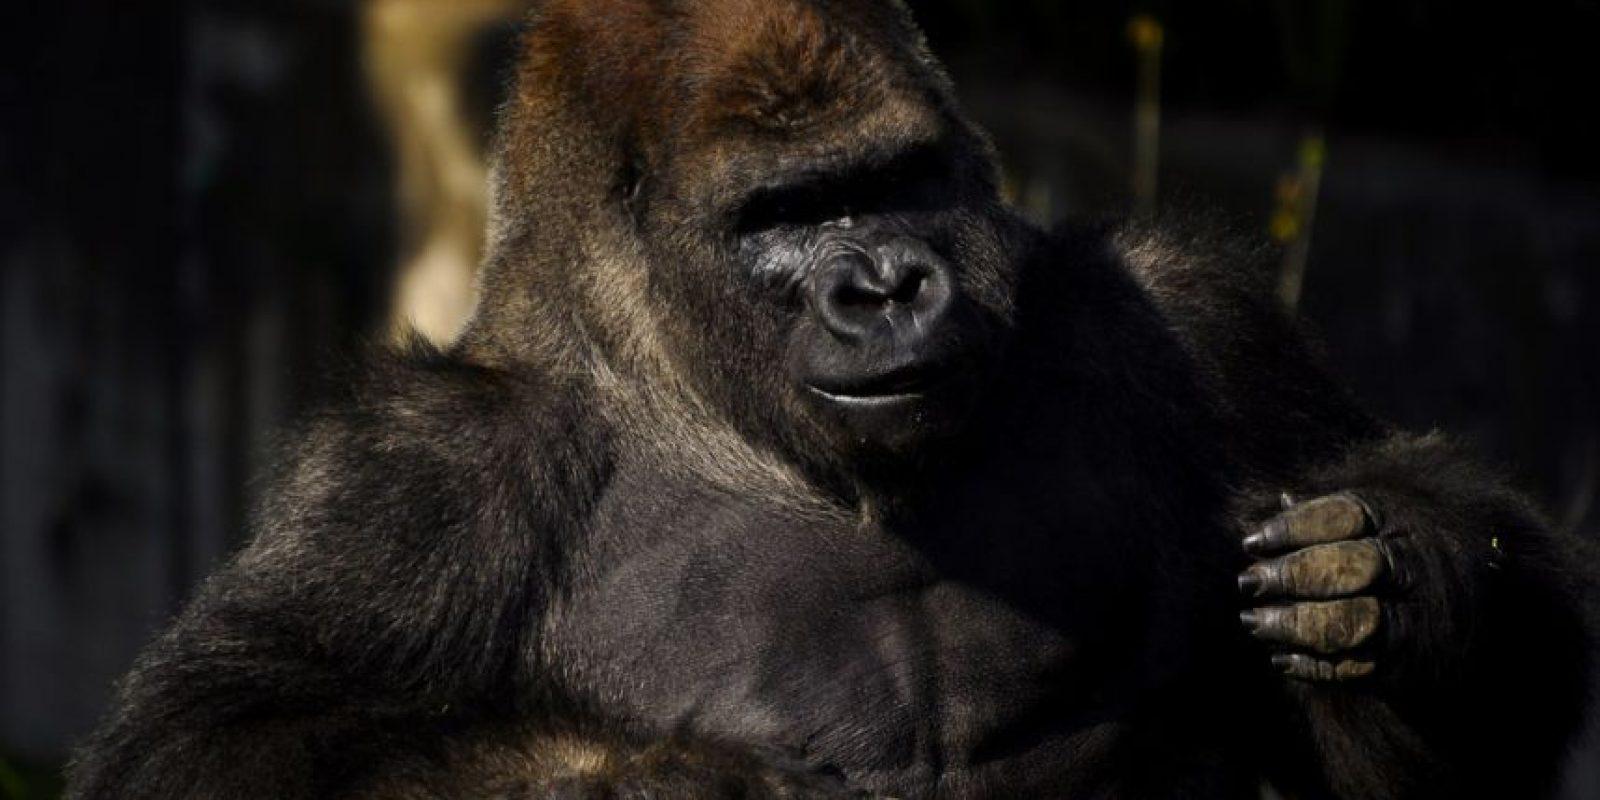 Nació el 20 de septiembre de 1991 en el Zoológico de Chapultepec. Foto:Cuartoscuro